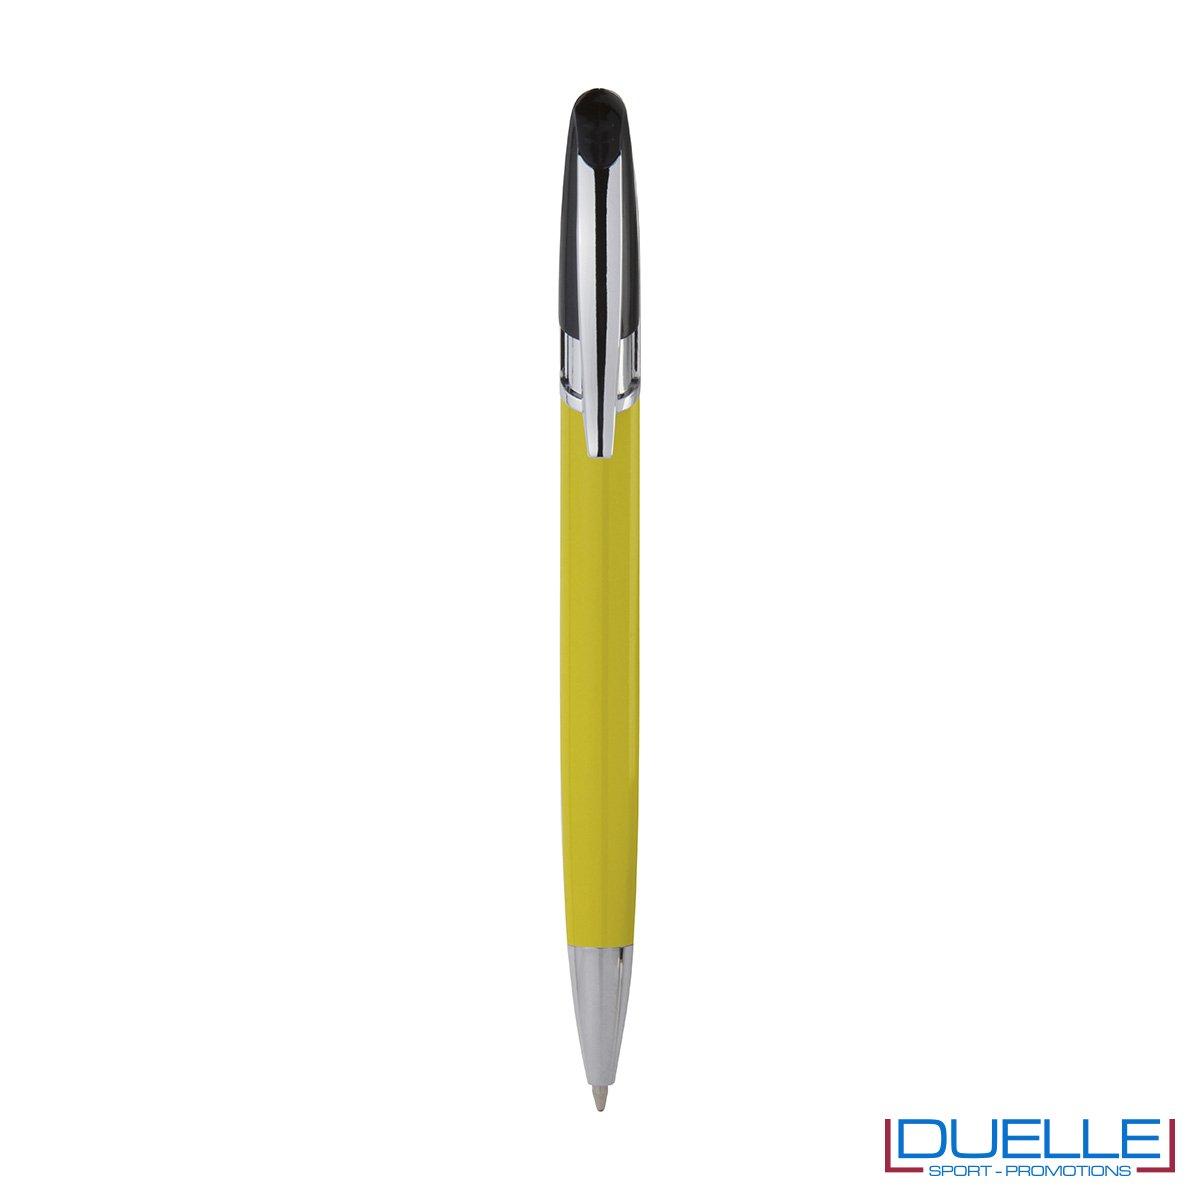 Penna personalizzata a sfera clip in metallo colore giallo